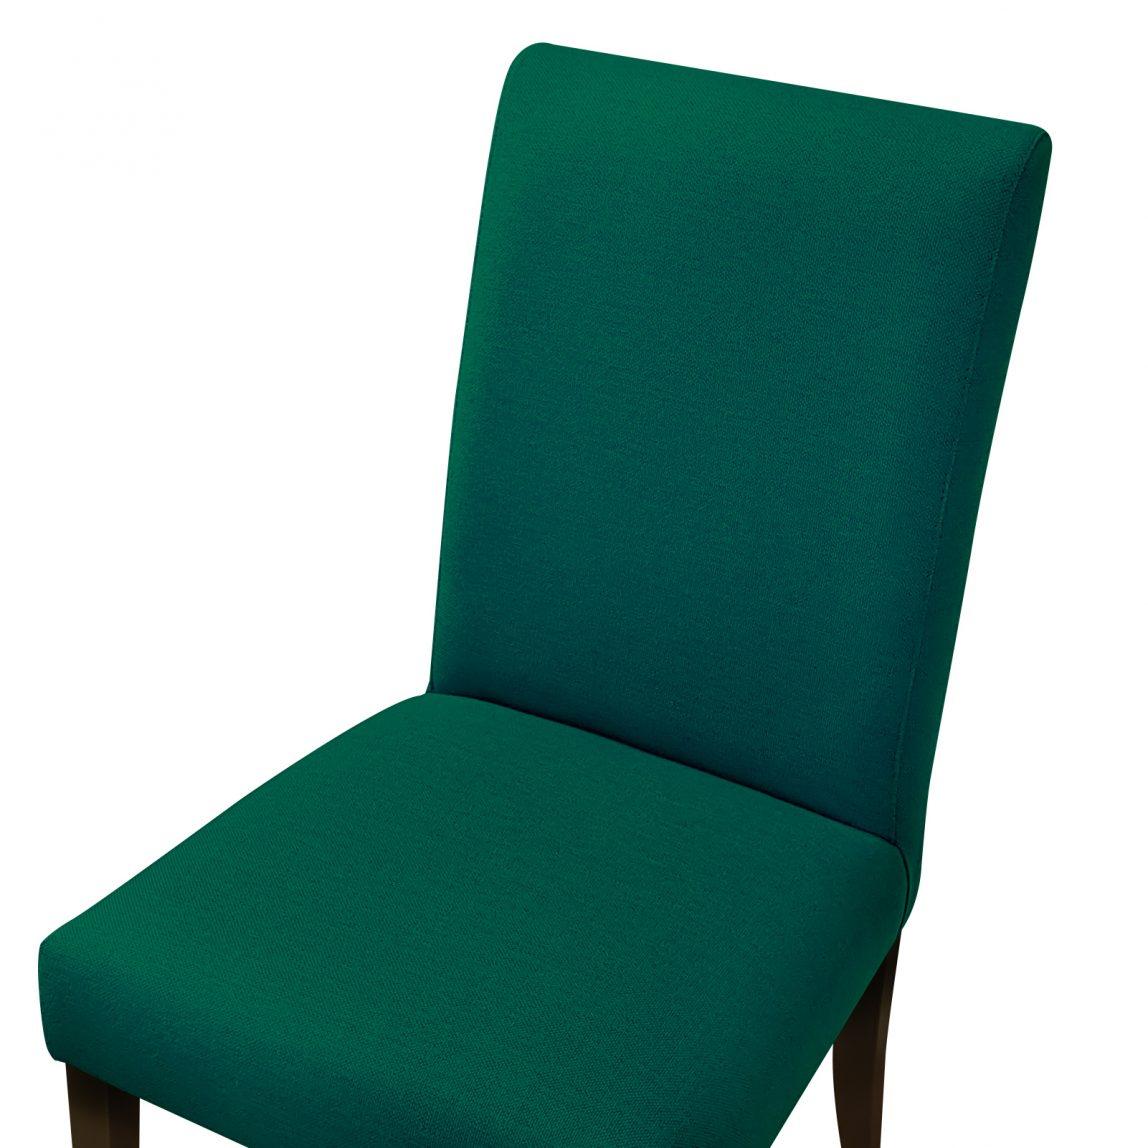 обеденный стул Пикас со слегка наклонной спинкой